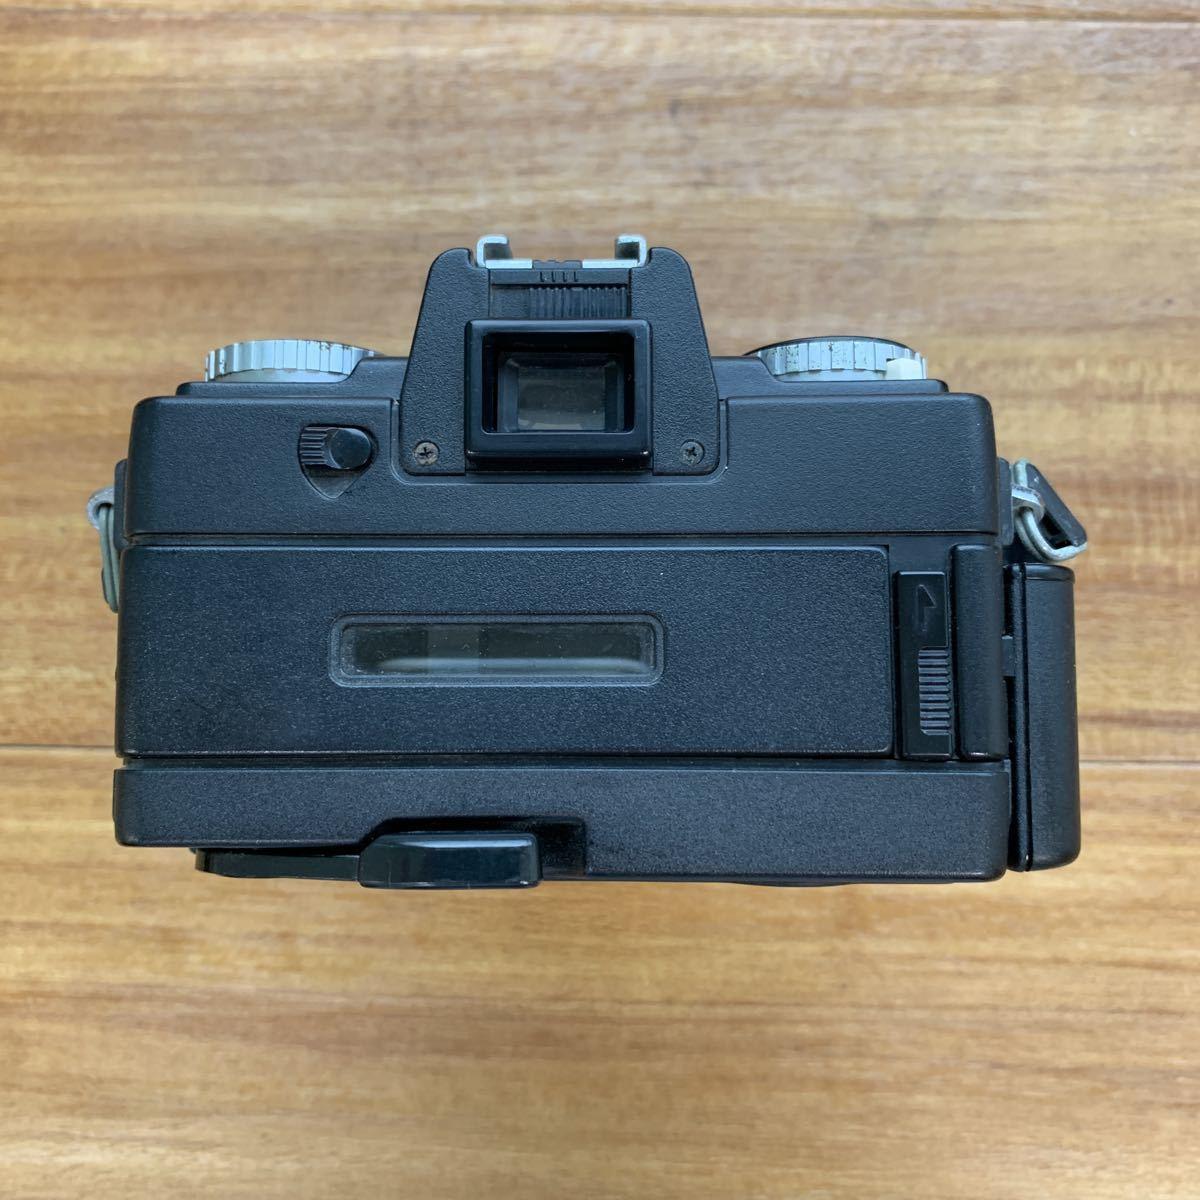 返品不可 ジャンク Nikon F 301 +minolta 110 zoom markⅡ 動作未確認 #j492_画像9